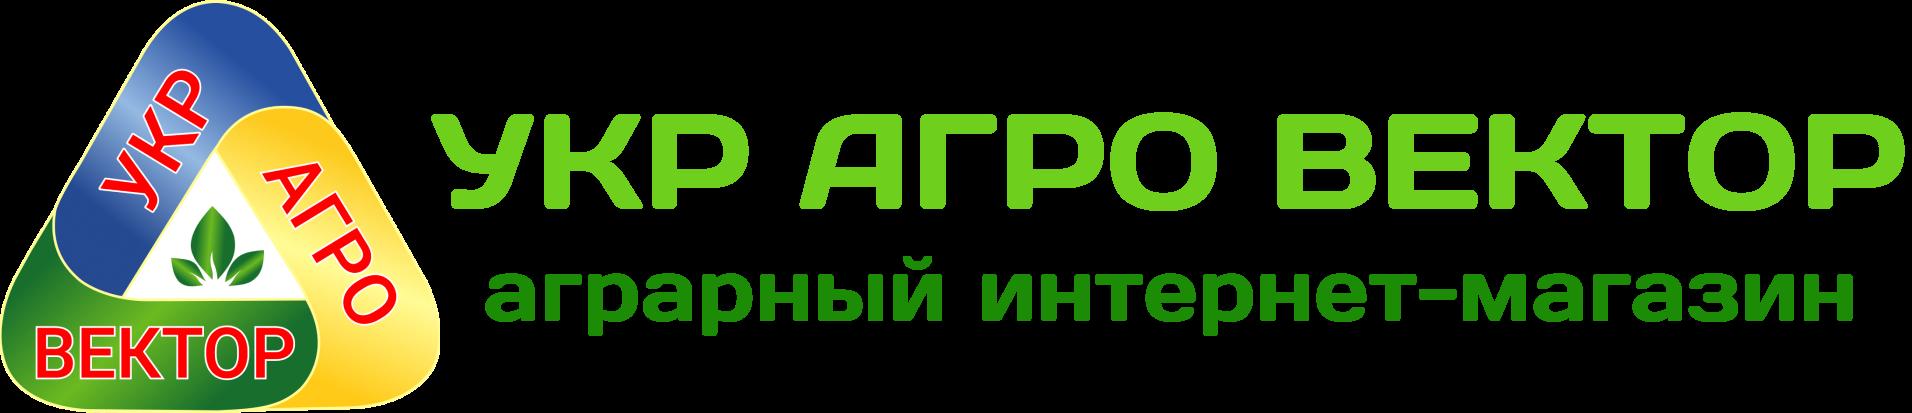 Украгровектор - Аграрный интернет-магазин